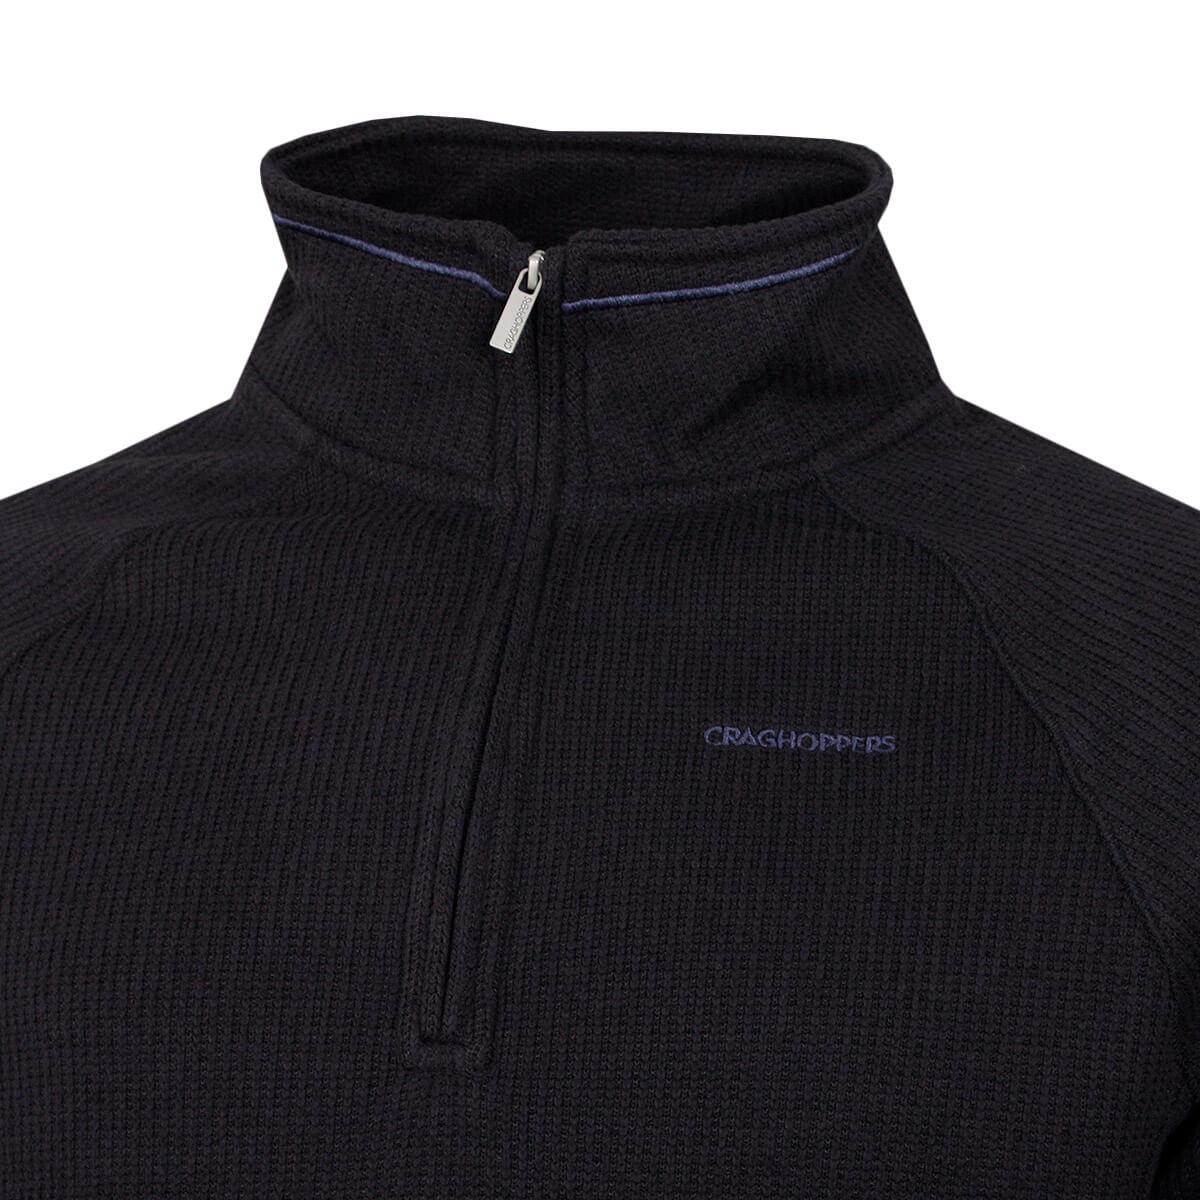 Craghoppers-Mens-Norton-Half-Zip-Fleece-Outdoor-Sweater-Pullover-60-OFF-RRP thumbnail 4